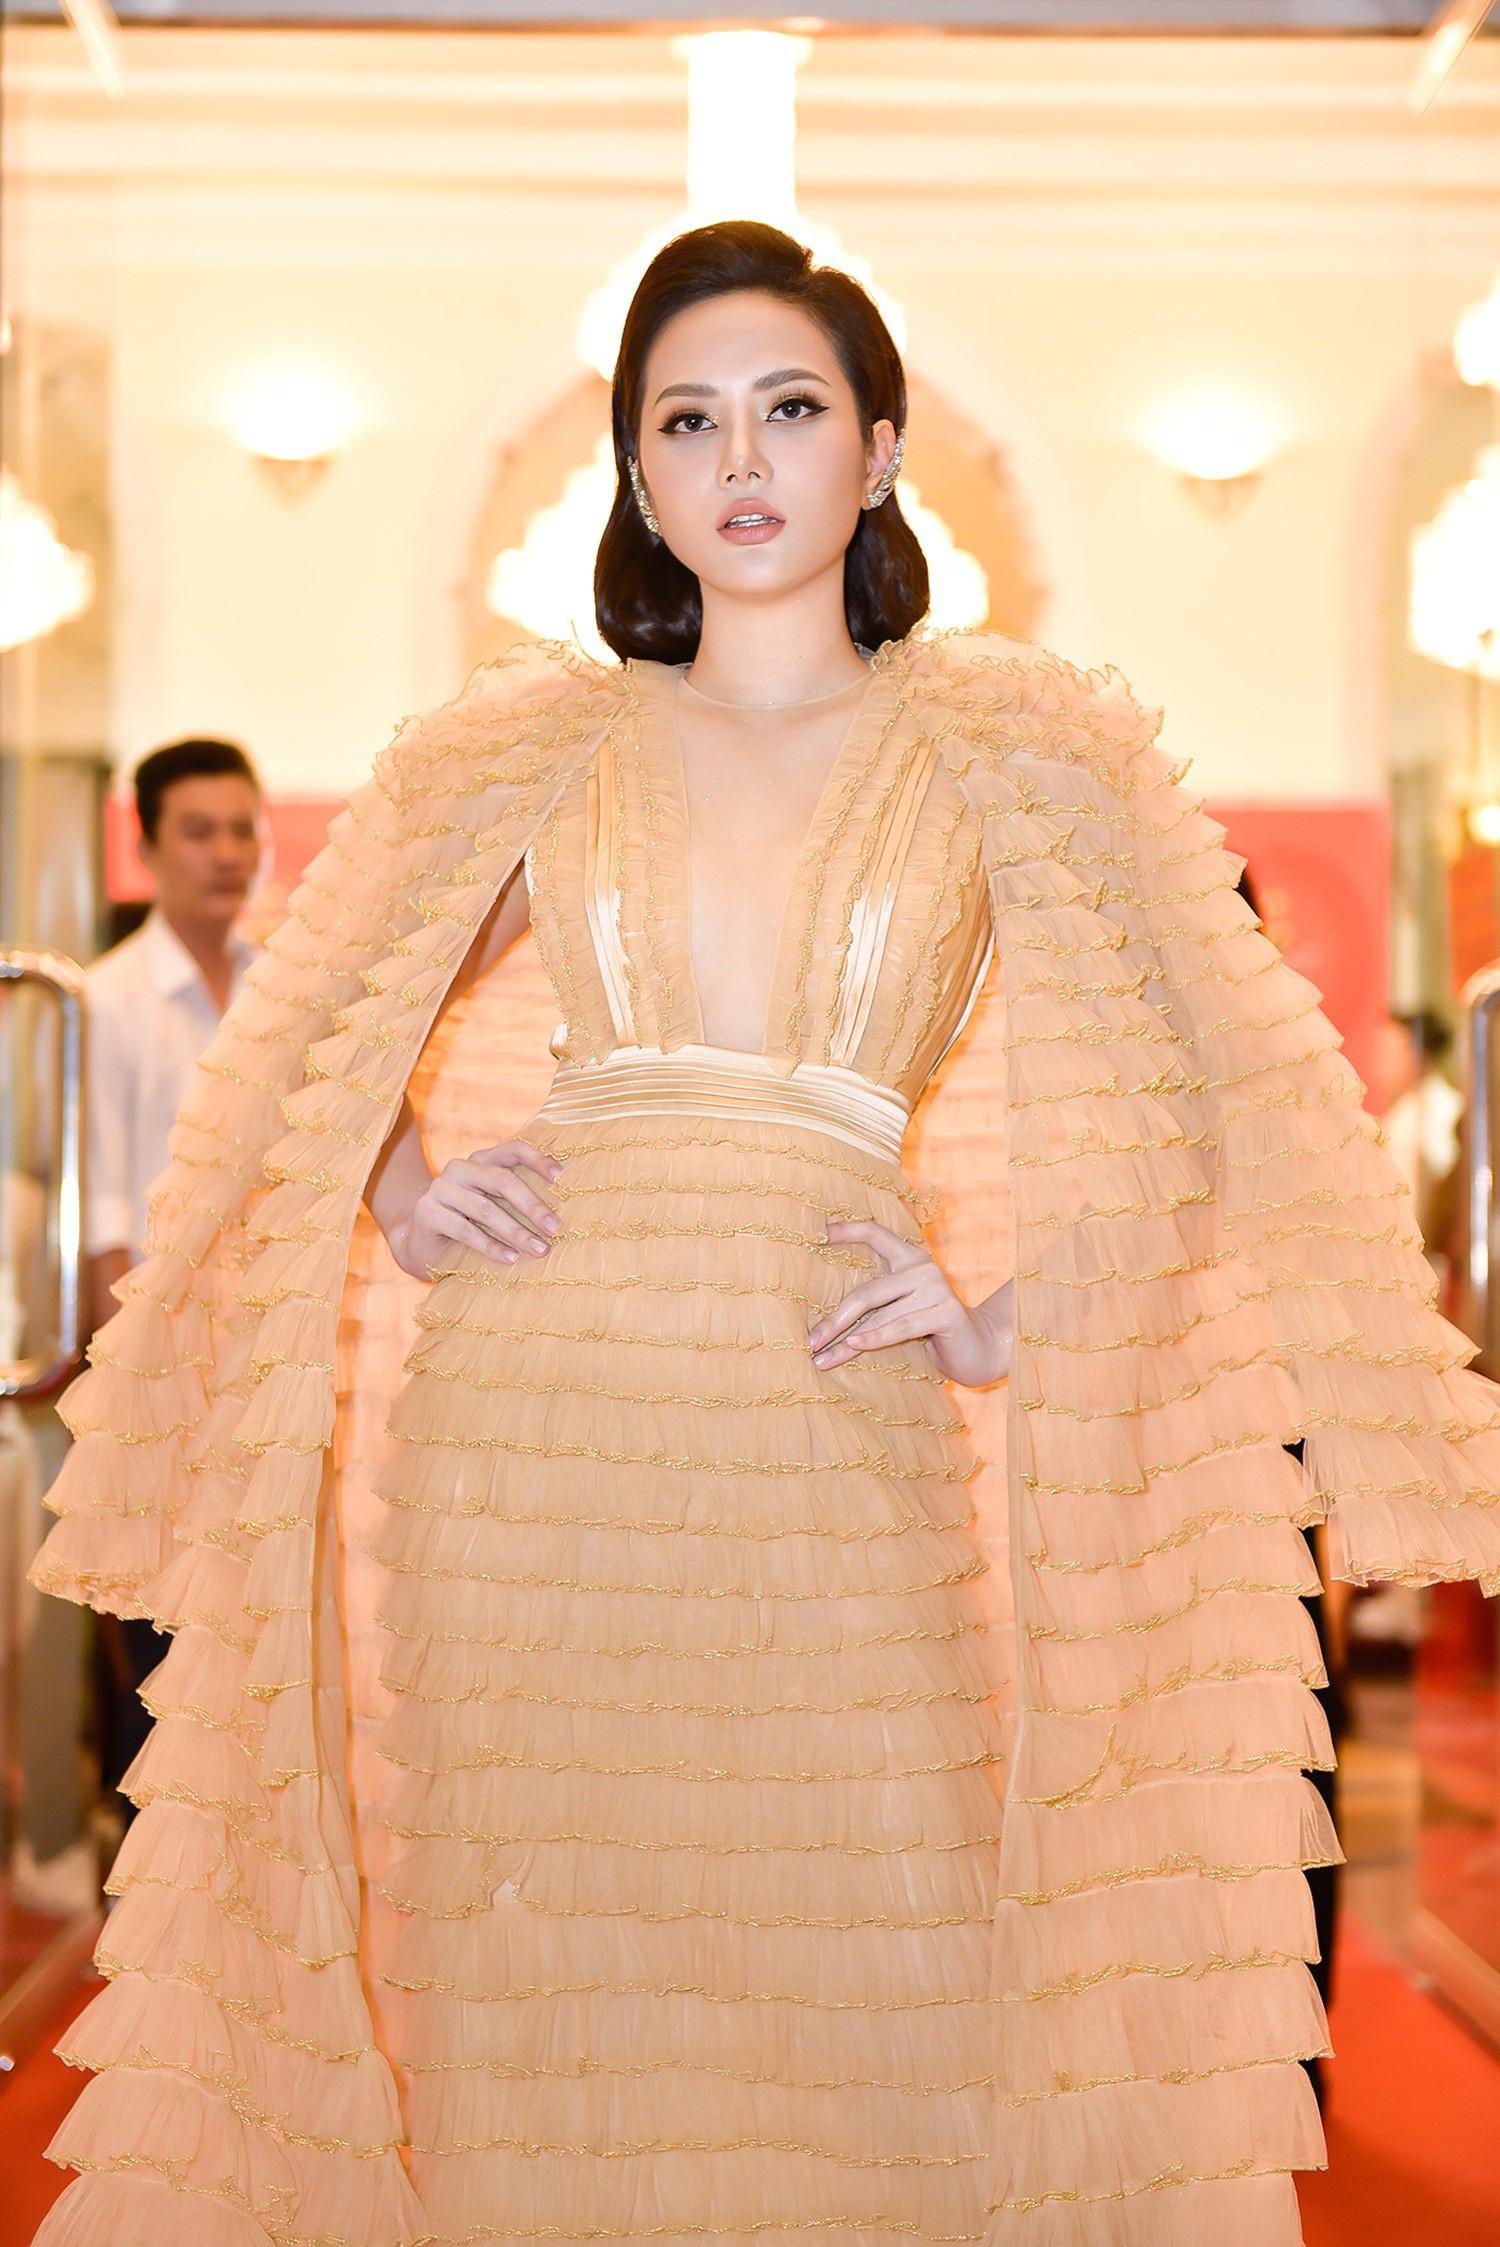 Hứa Vĩ Văn hóa quý ông lịch lãm, Hoa hậu Diệu Linh diện đầm độc nổi bật  - Ảnh 3.